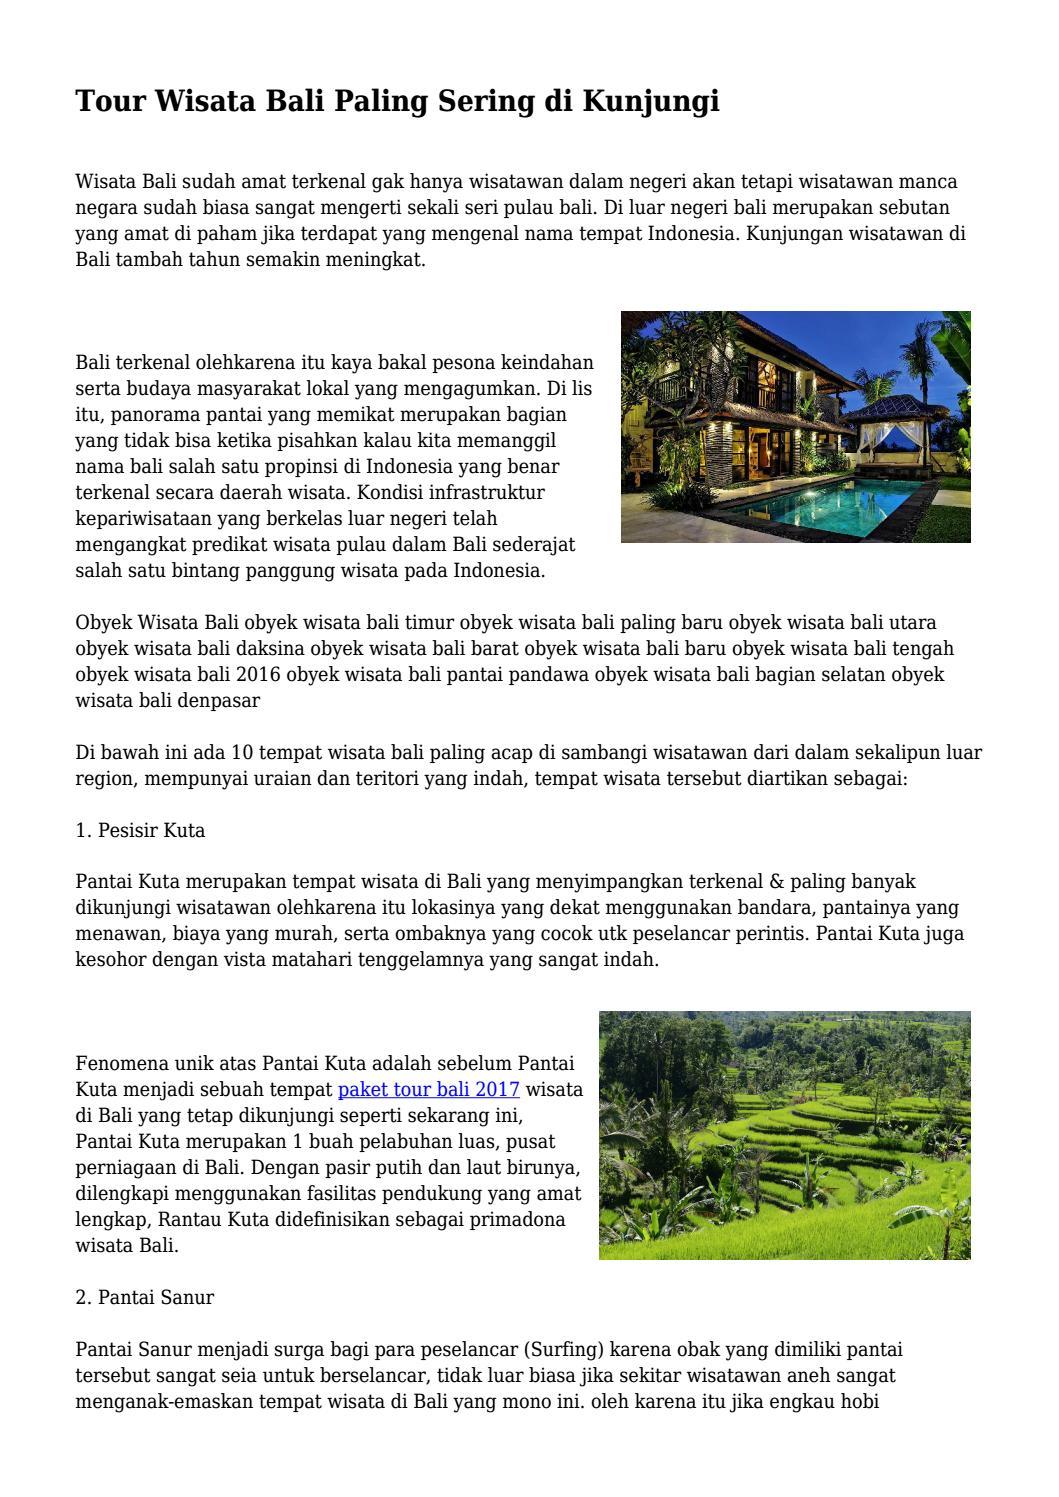 Tour Wisata Bali Paling Sering Di Kunjungi By